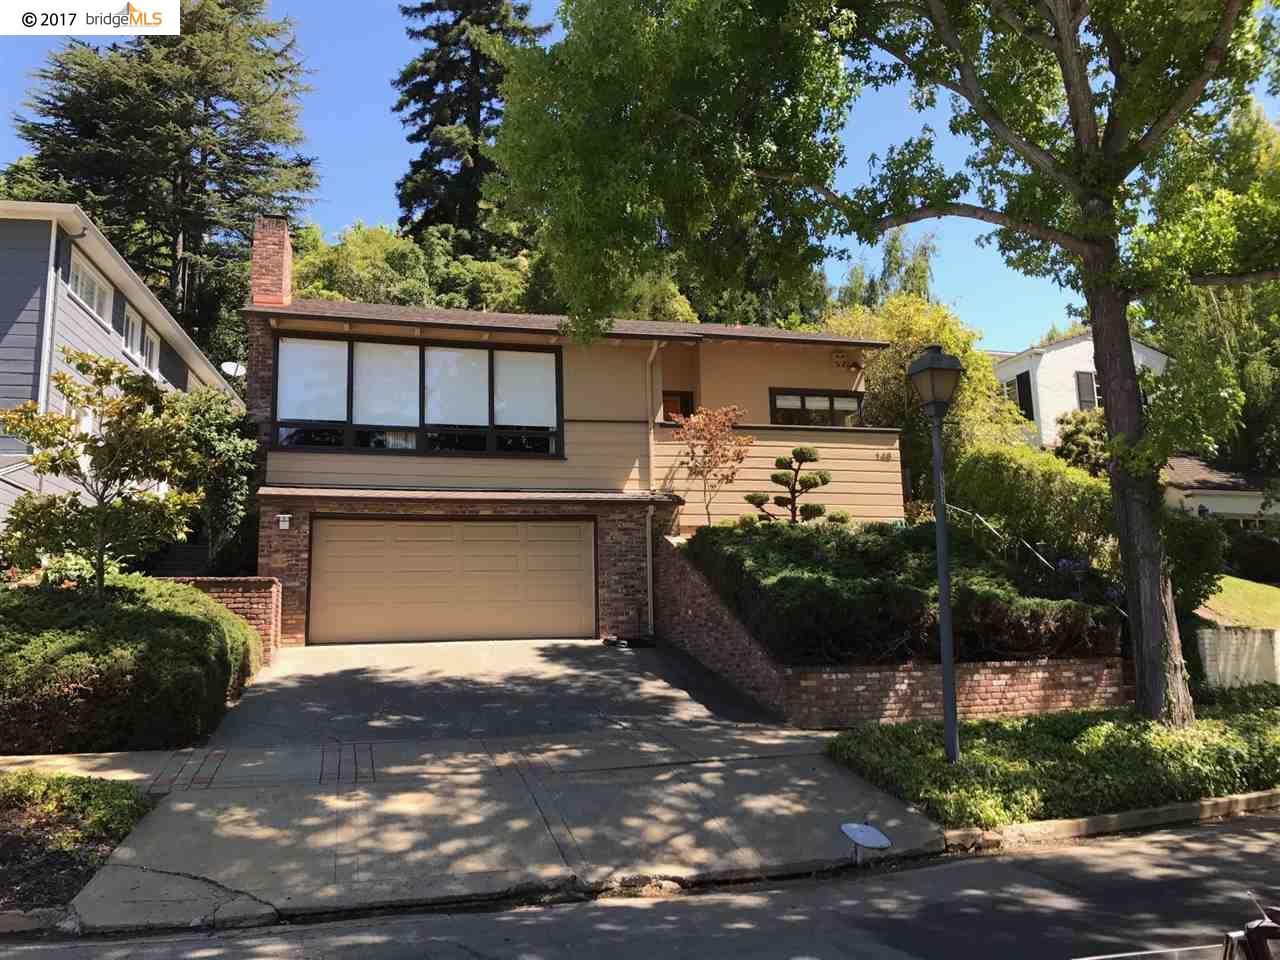 واحد منزل الأسرة للـ Rent في 148 Sandringham Road 148 Sandringham Road Piedmont, California 94611 United States